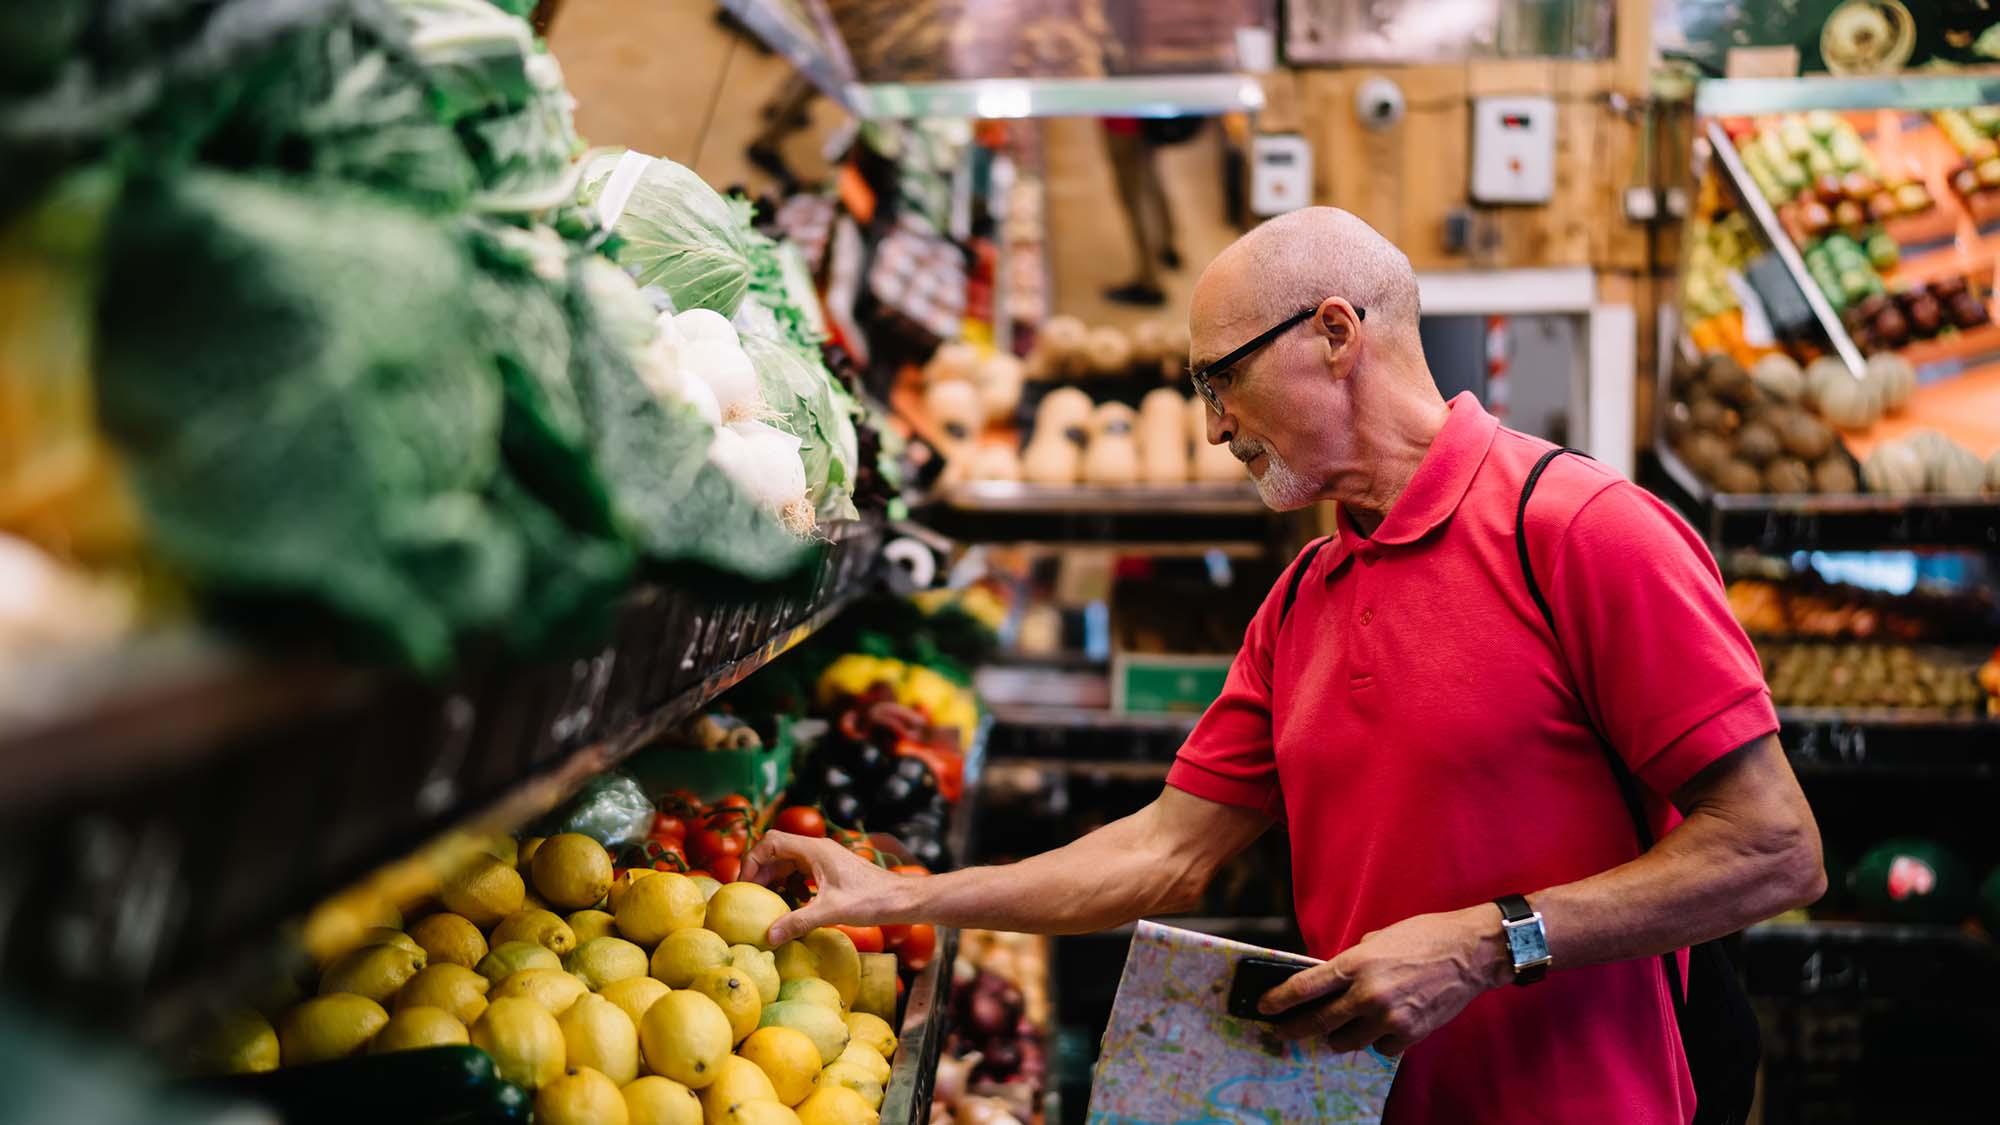 Curso Merchandising y venta en las secciones de productos frescos en supermercados (COMT030PO)